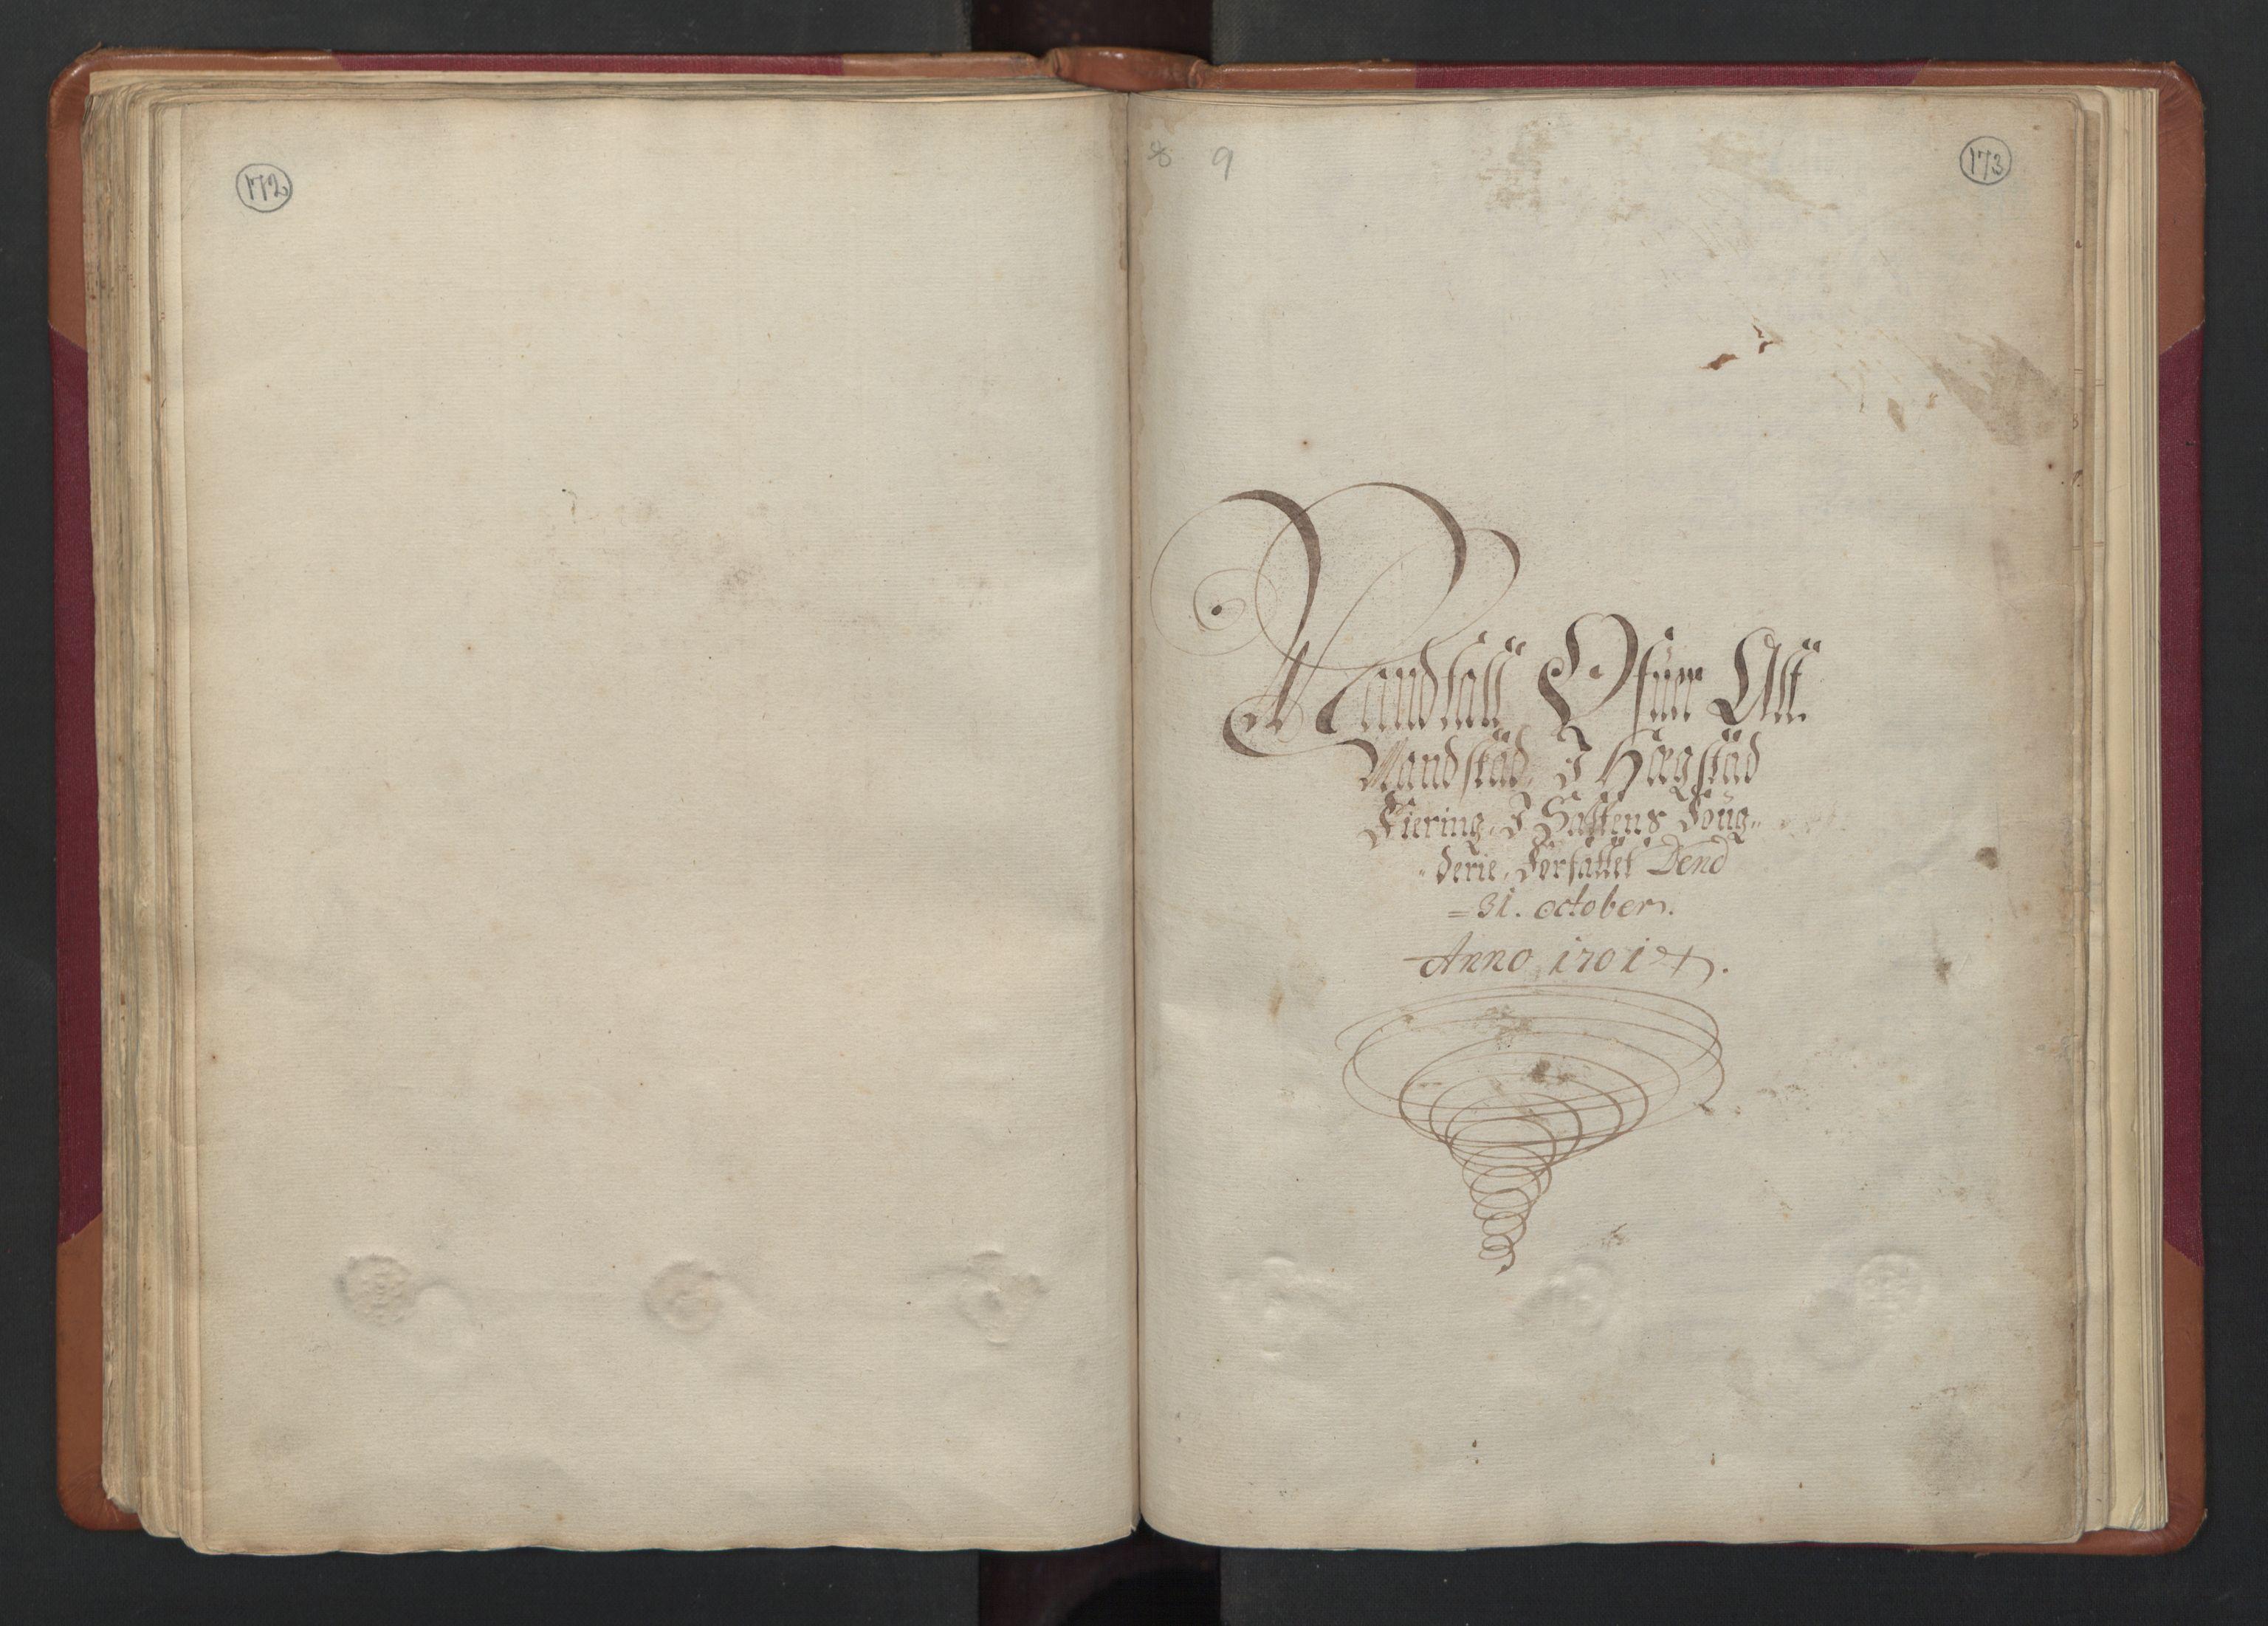 RA, Census (manntall) 1701, no. 17: Salten fogderi, 1701, p. 172-173